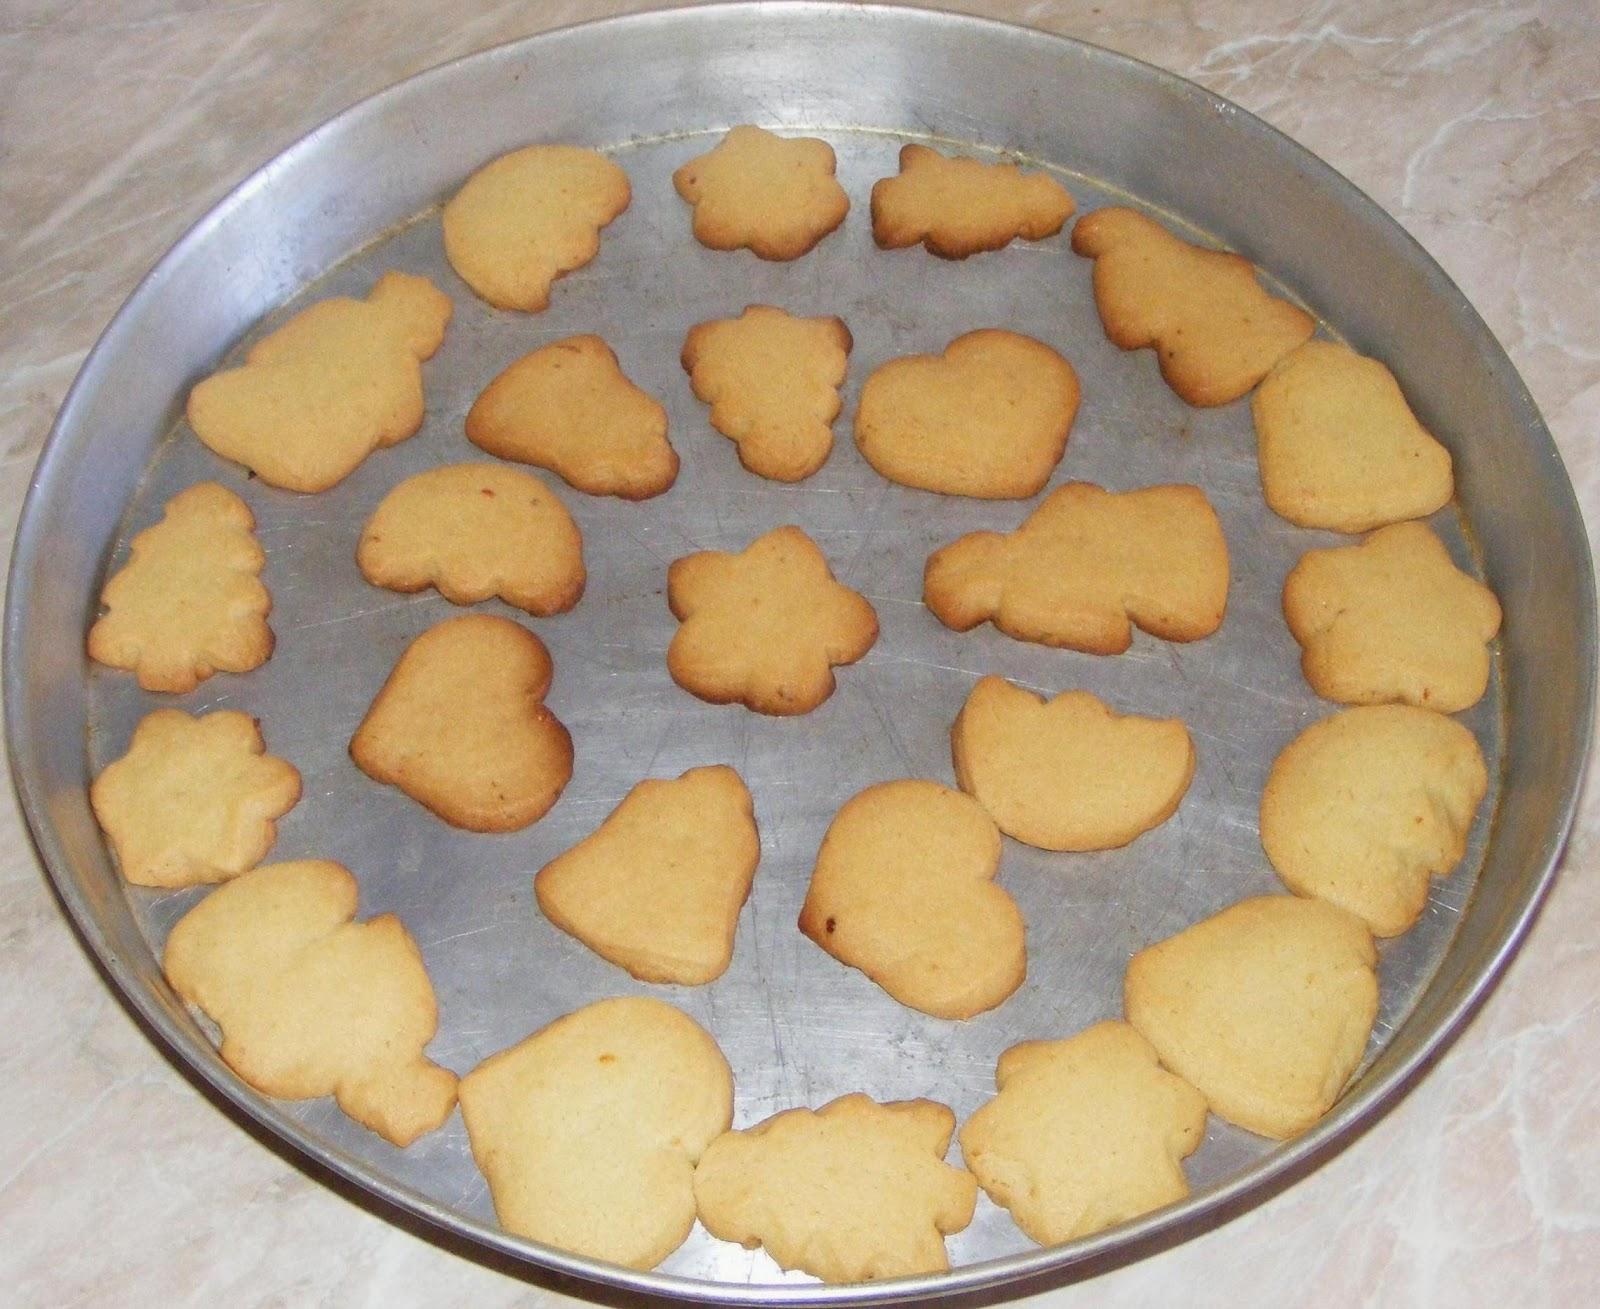 dulciuri, fursecuri, fursecuri fragede, fursecuri cu untura, fursecuri pufoase, fursecuri simple, reteta fursecuri, fursecuri de casa, retete de fursecuri, biscuiti de casa, biscuiti, fursecuri rapide, retete culinare, preparate culinare, deserturi, fursec, dulciuri cu untura, dulciuri de casa,